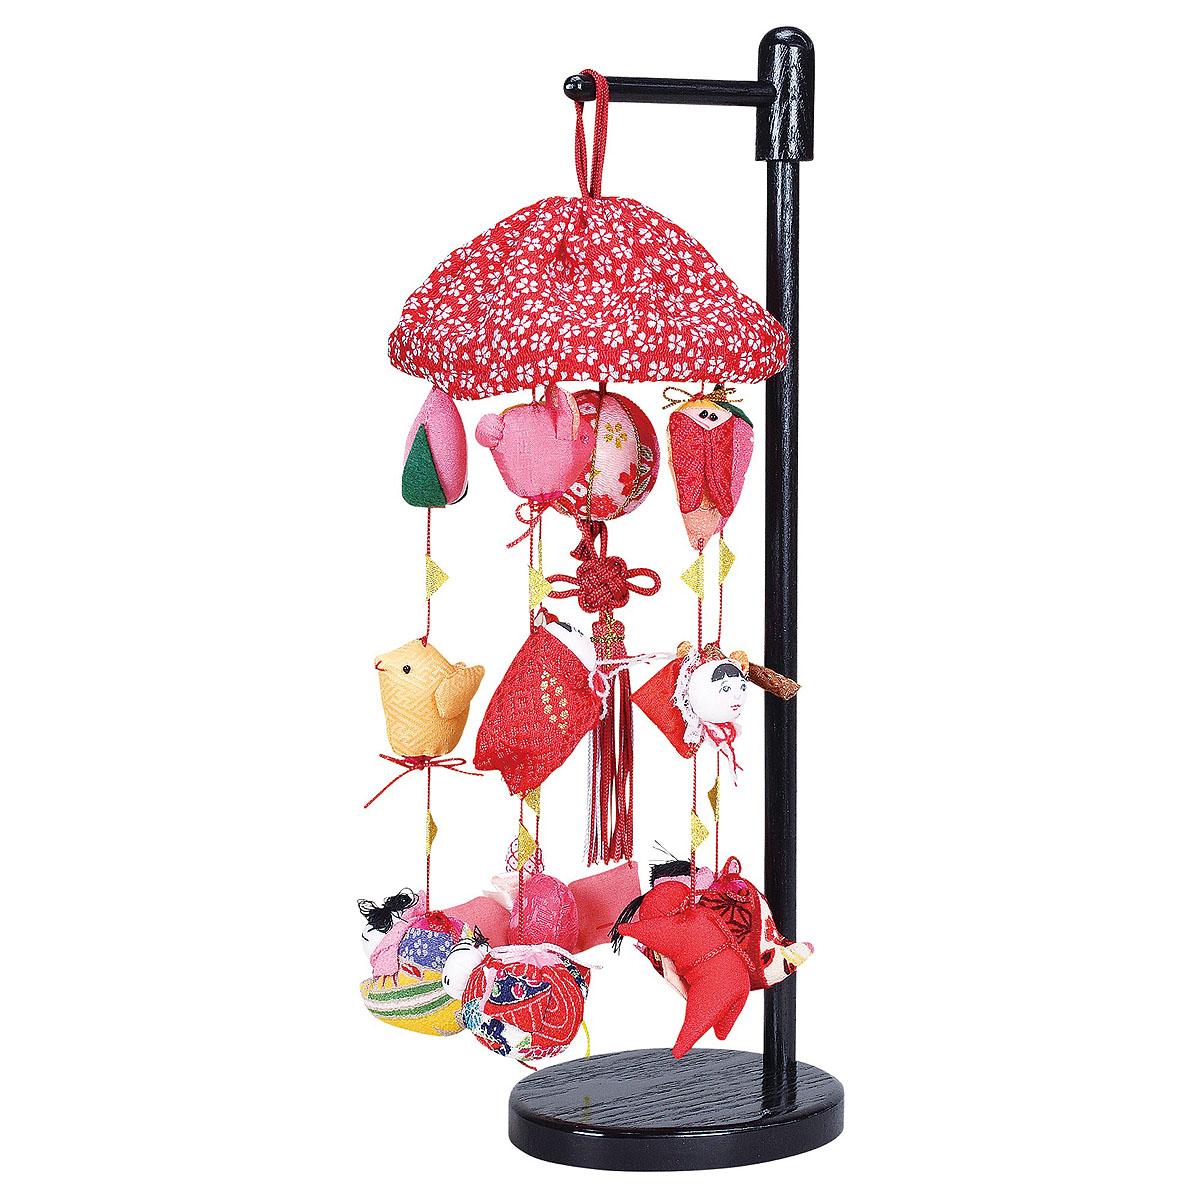 まり飾り ミニ 傘付き 台付き TRS-F-3620-09-012送料無料おしゃれ で かわいい さげもん つるし雛 吊るし飾り で 桃の節句 雛祭り ひな祭り 雛人形 のお祝いに